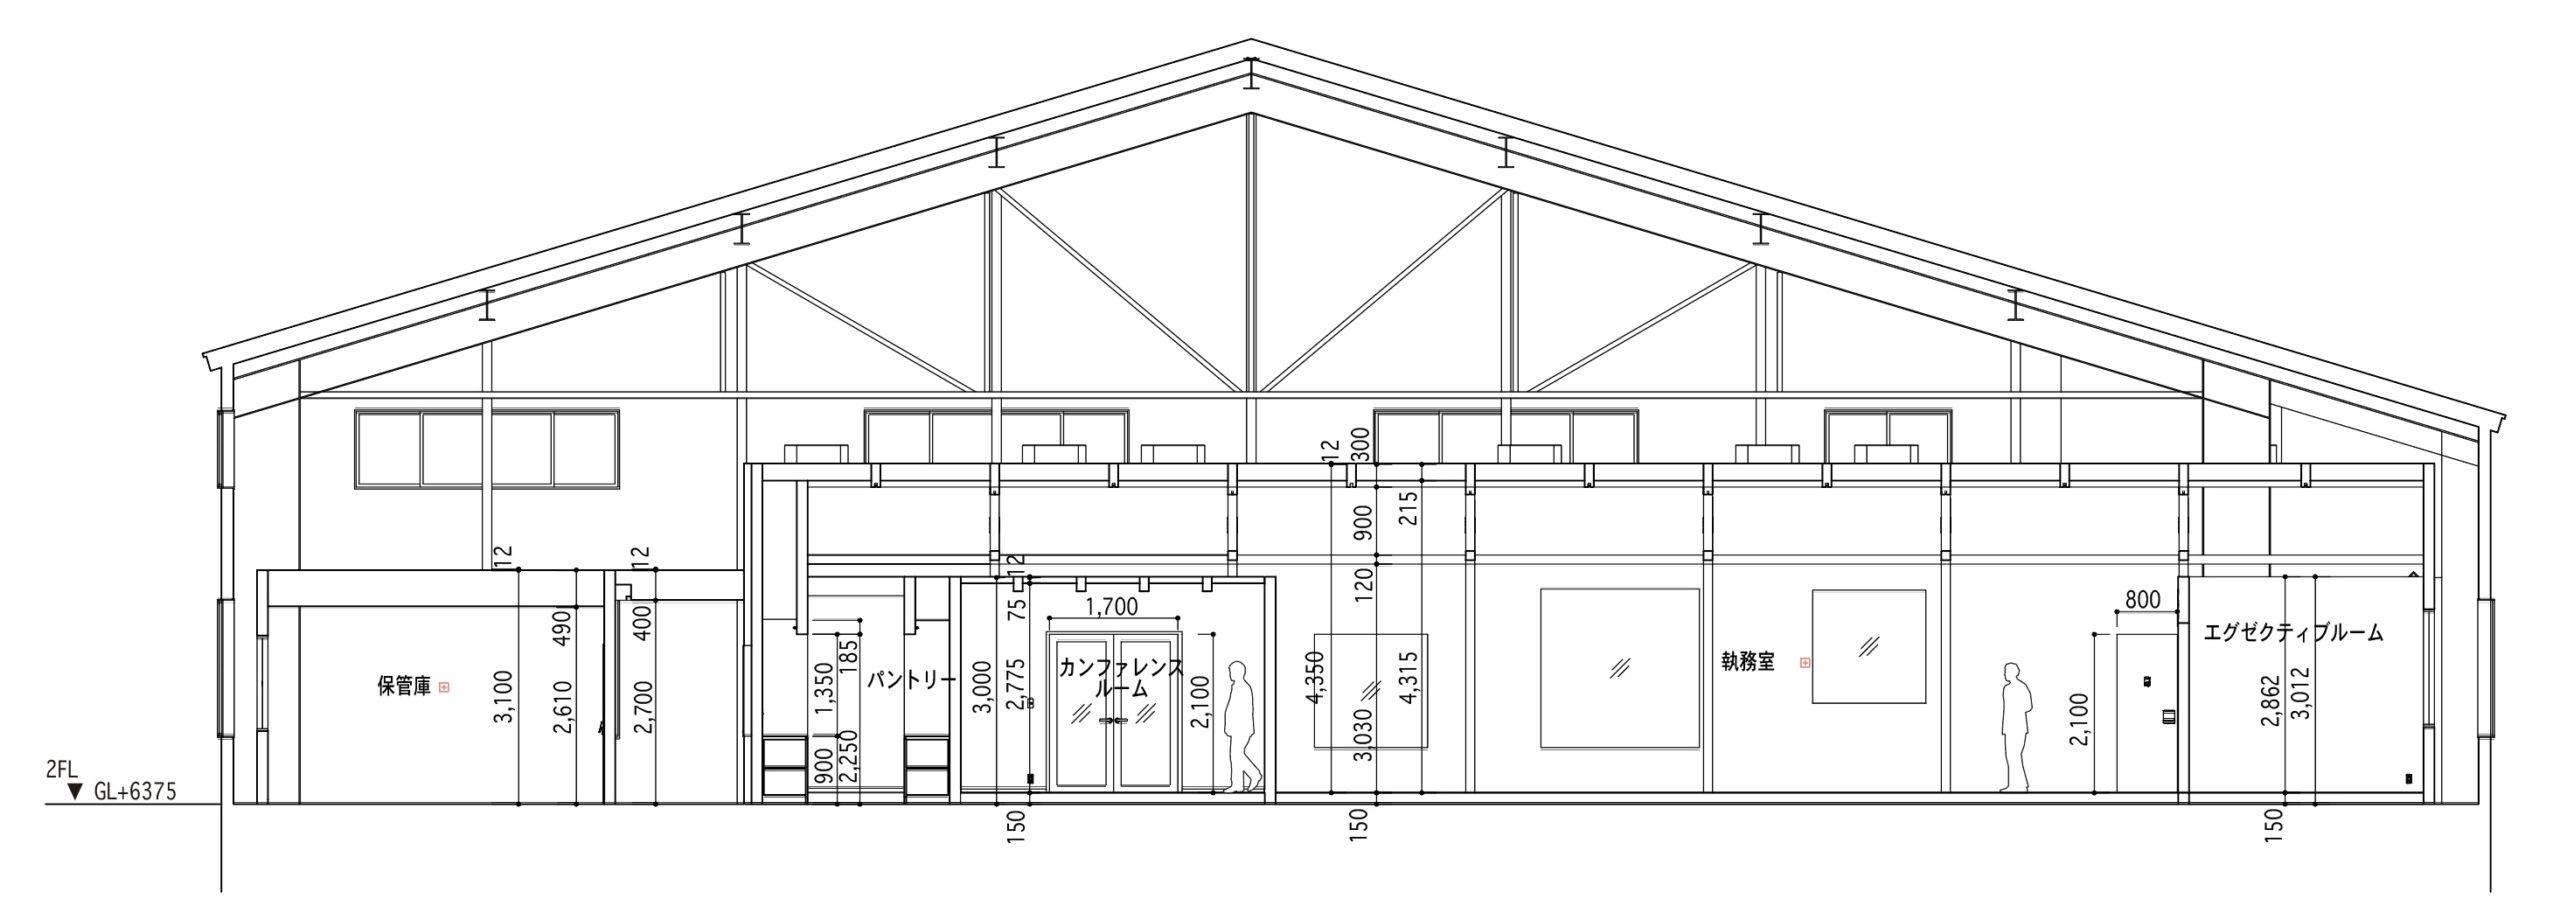 新建築2020年4月掲載のウッディパーツ第2工場オフィスプロジェクトの短手断面図